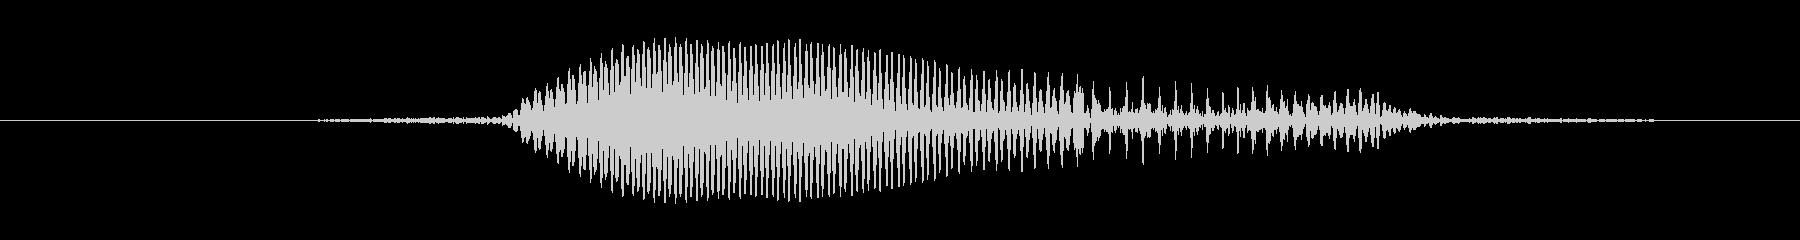 鳴き声 男性ティーンうーん混乱04の未再生の波形